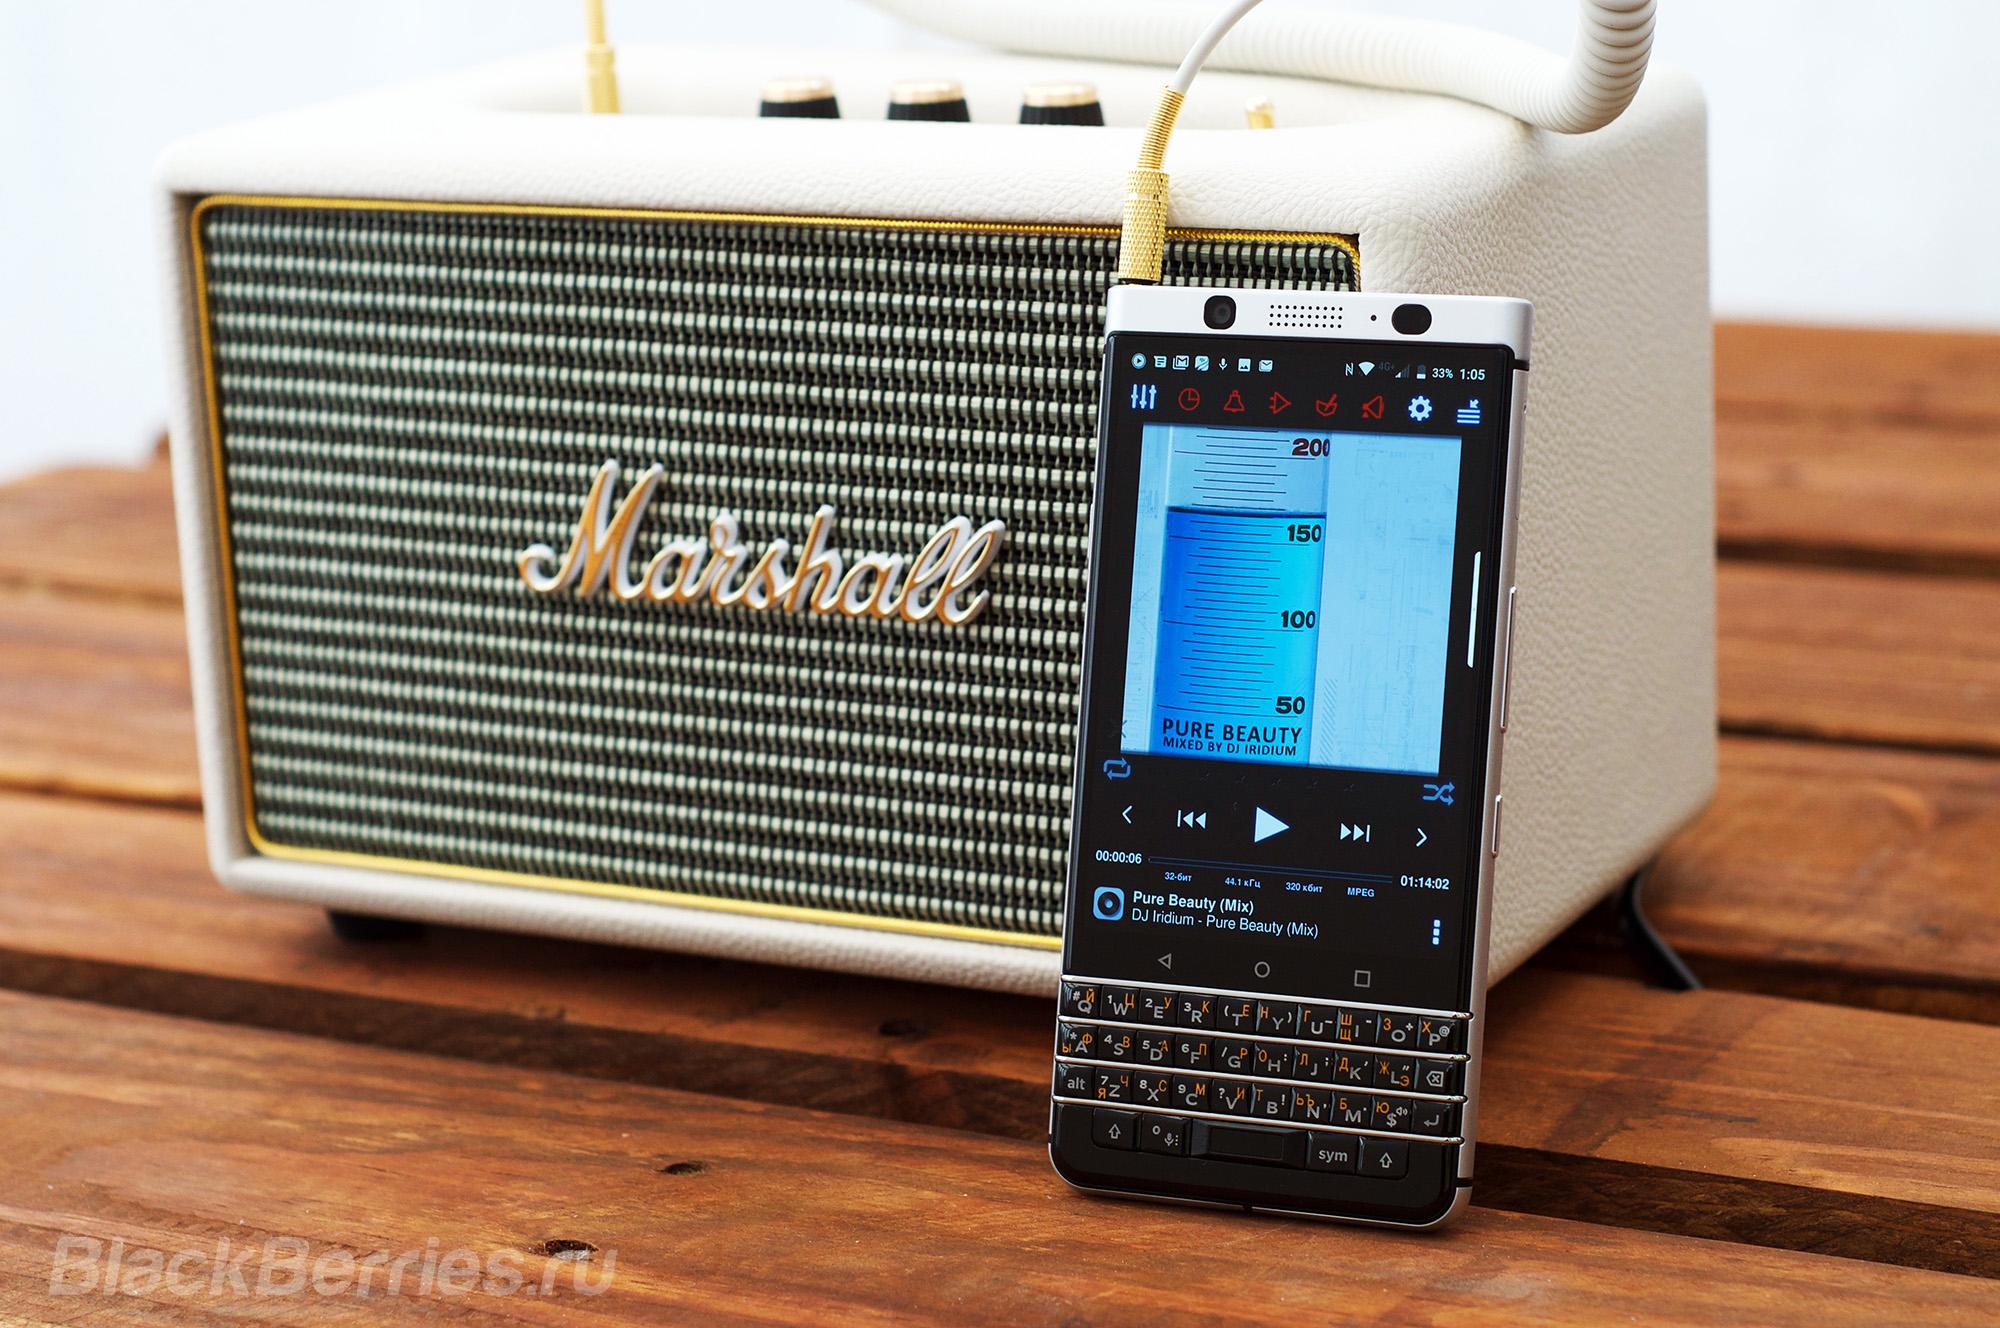 Лучшие музыкальные плееры для BlackBerry KEYone и PRIV   BlackBerry Priv